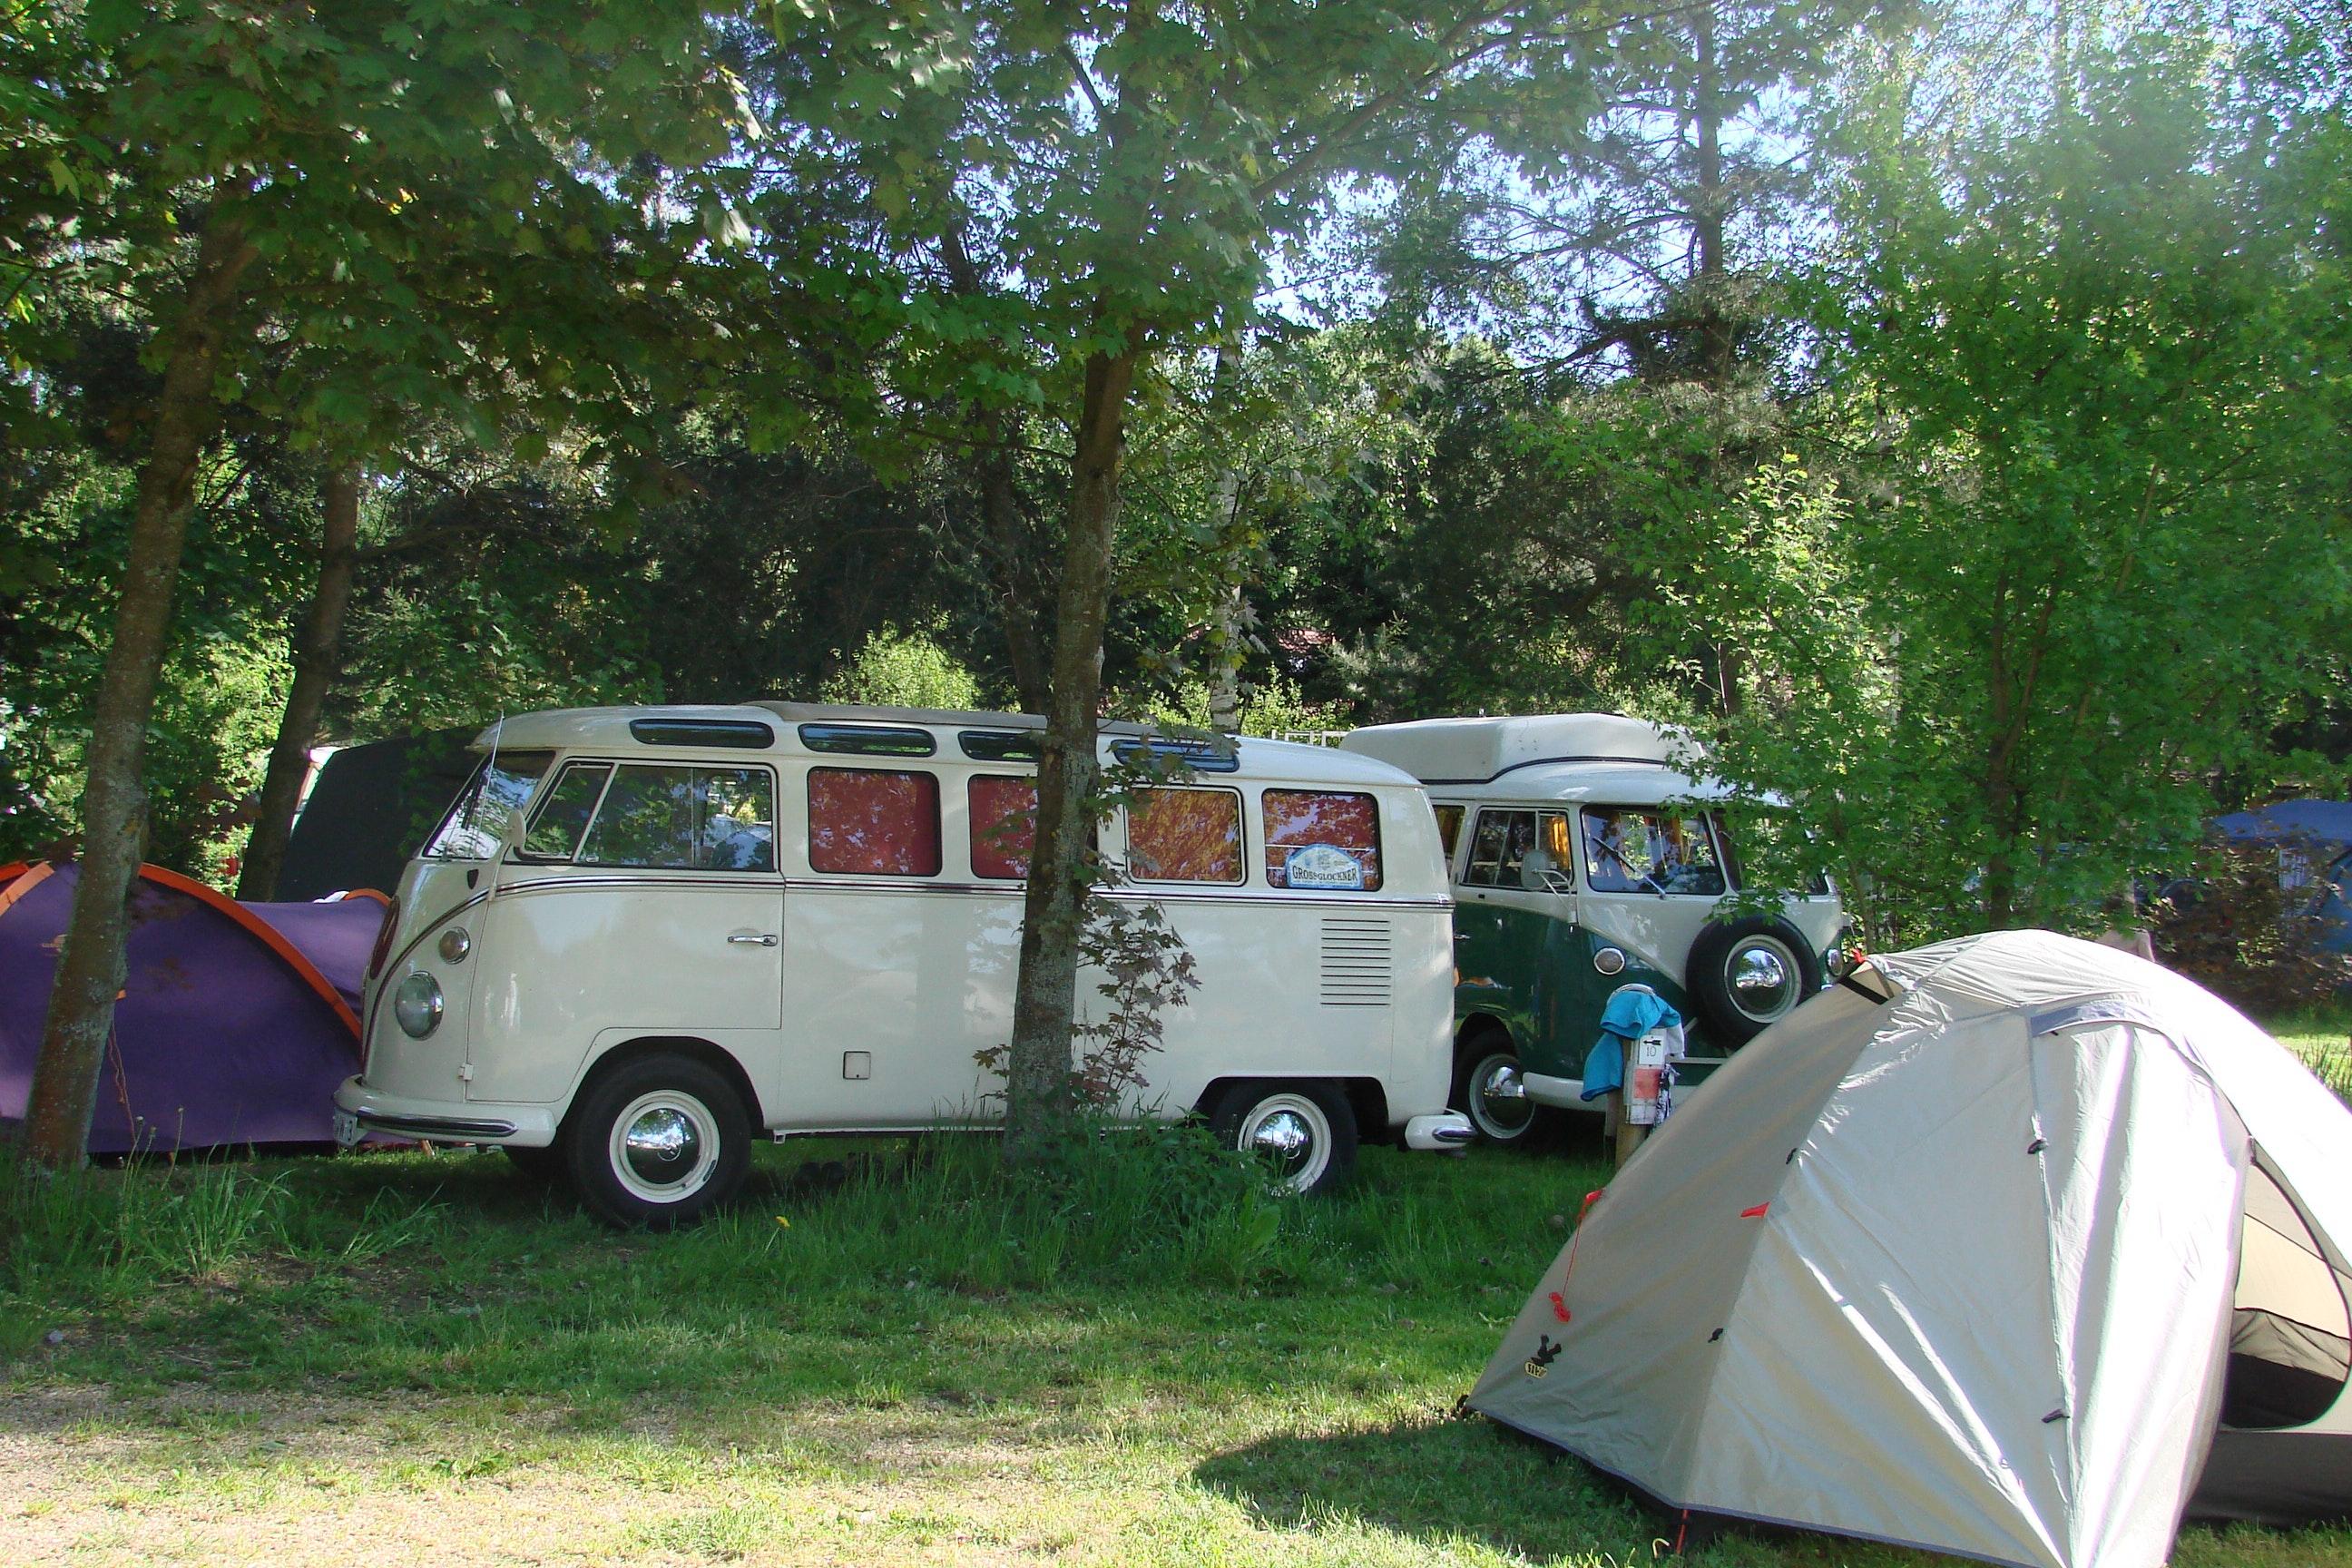 Adventure Camp Schnitzmühle | PiNCAMP by ADAC